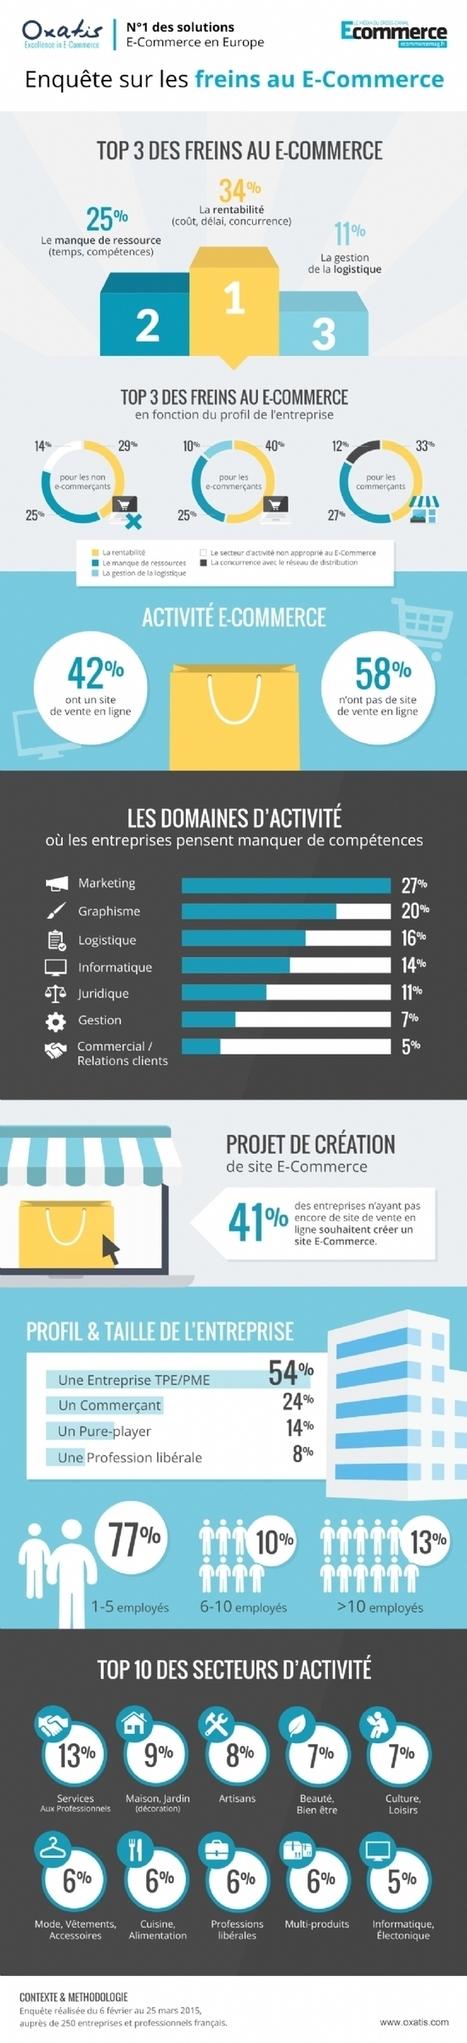 Infographie | La rentabilité, principal frein au lancement d'une activité e-commerce | E-Commerce | Scoop.it